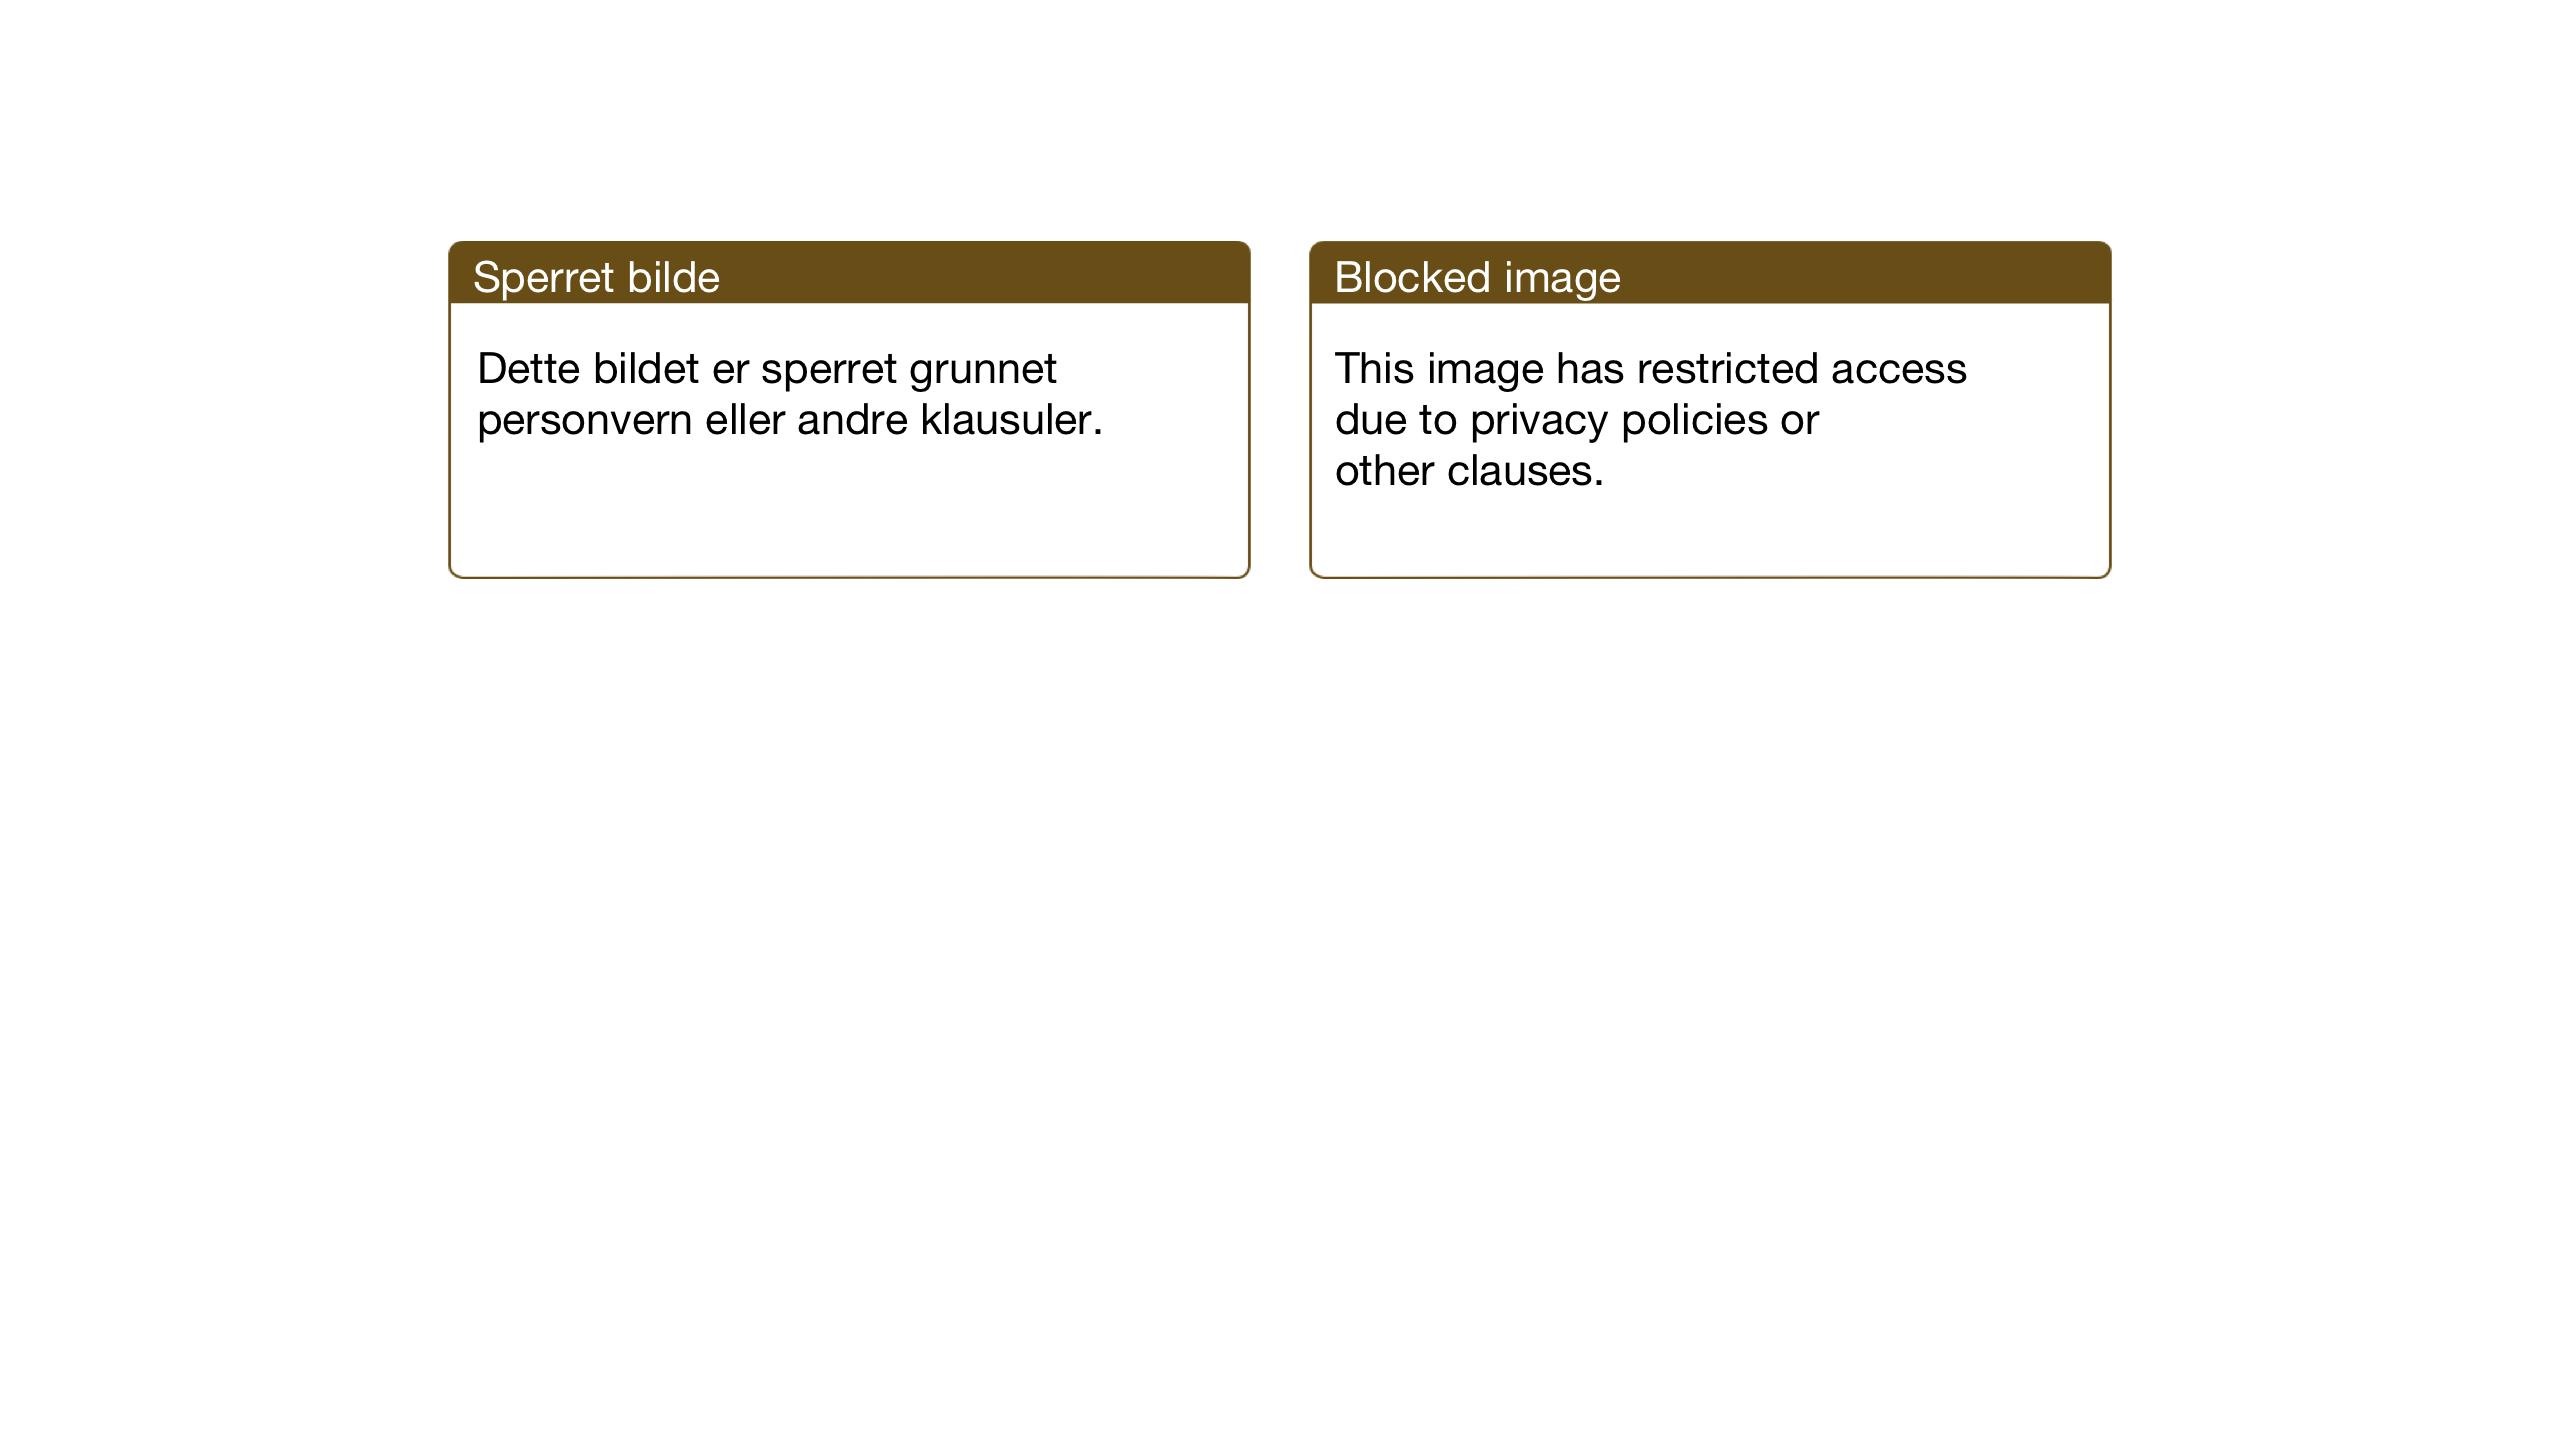 SAT, Ministerialprotokoller, klokkerbøker og fødselsregistre - Sør-Trøndelag, 657/L0718: Klokkerbok nr. 657C05, 1923-1948, s. 39